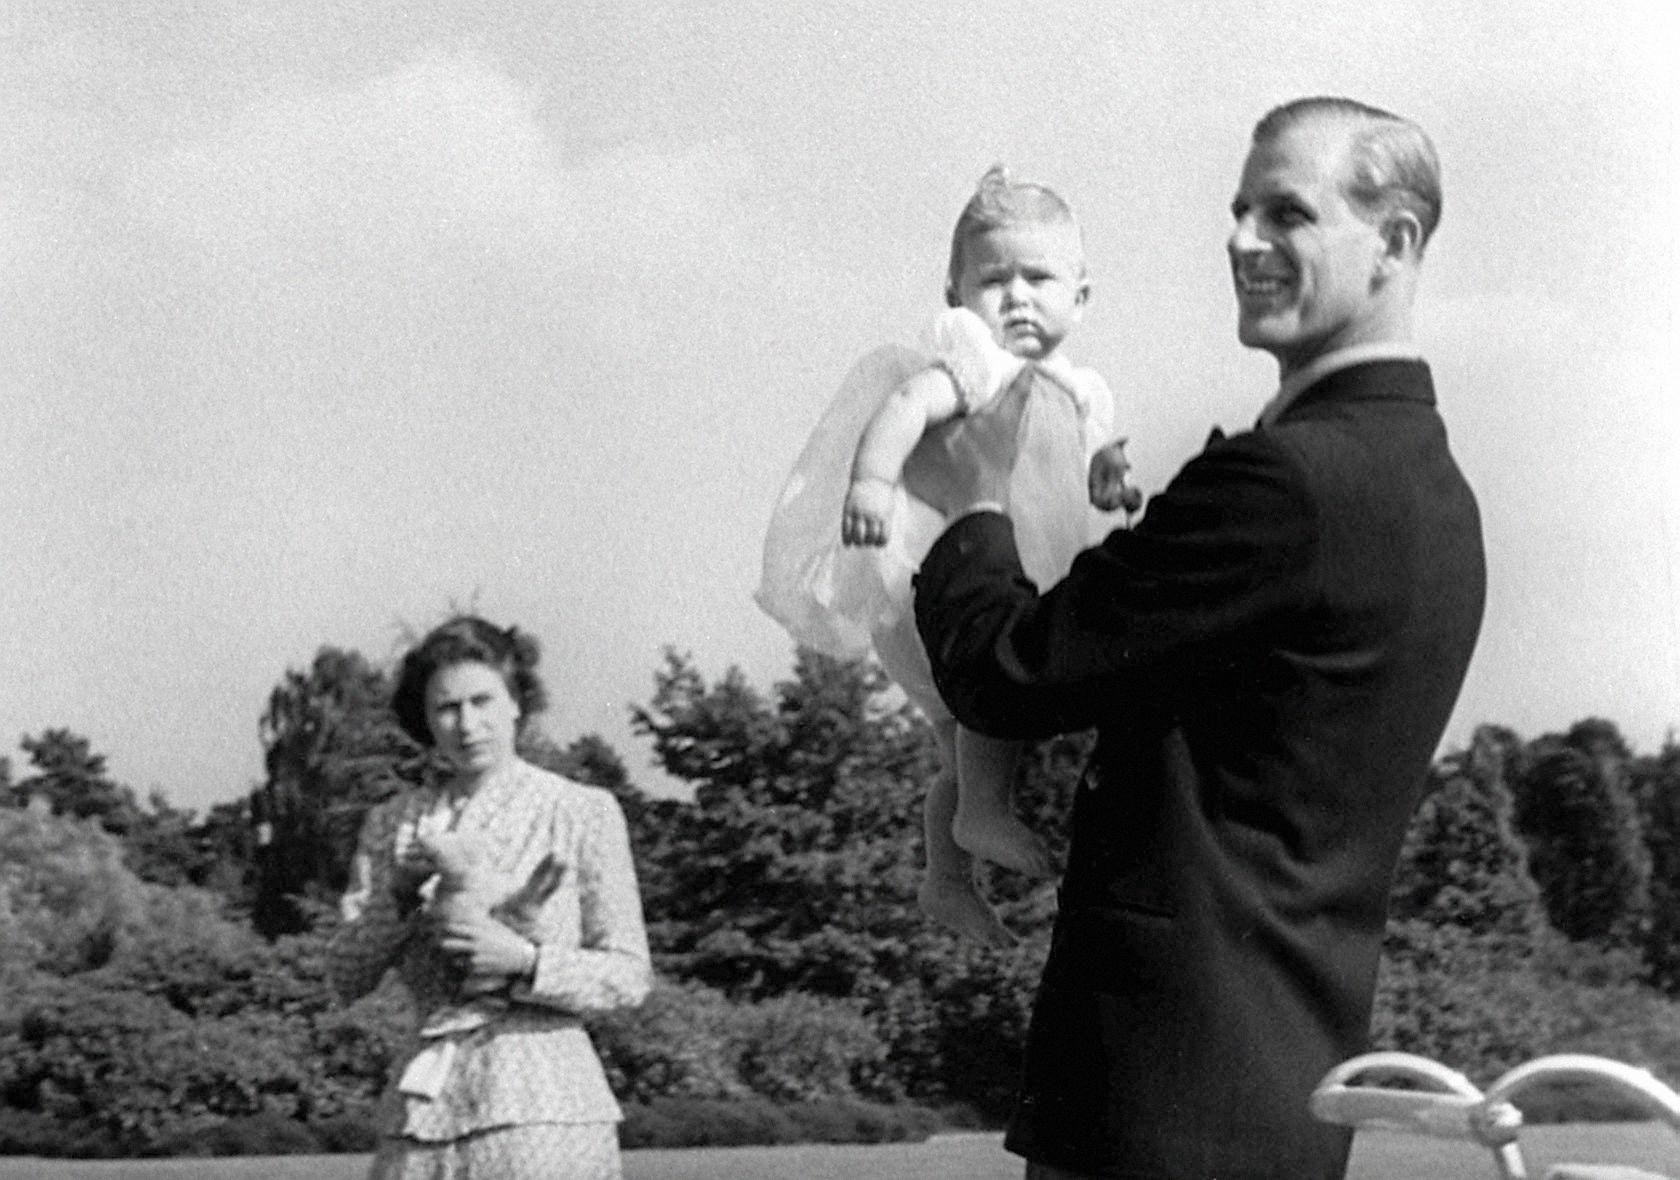 Le prince Charles, une existence à l'ombre de la Couronne